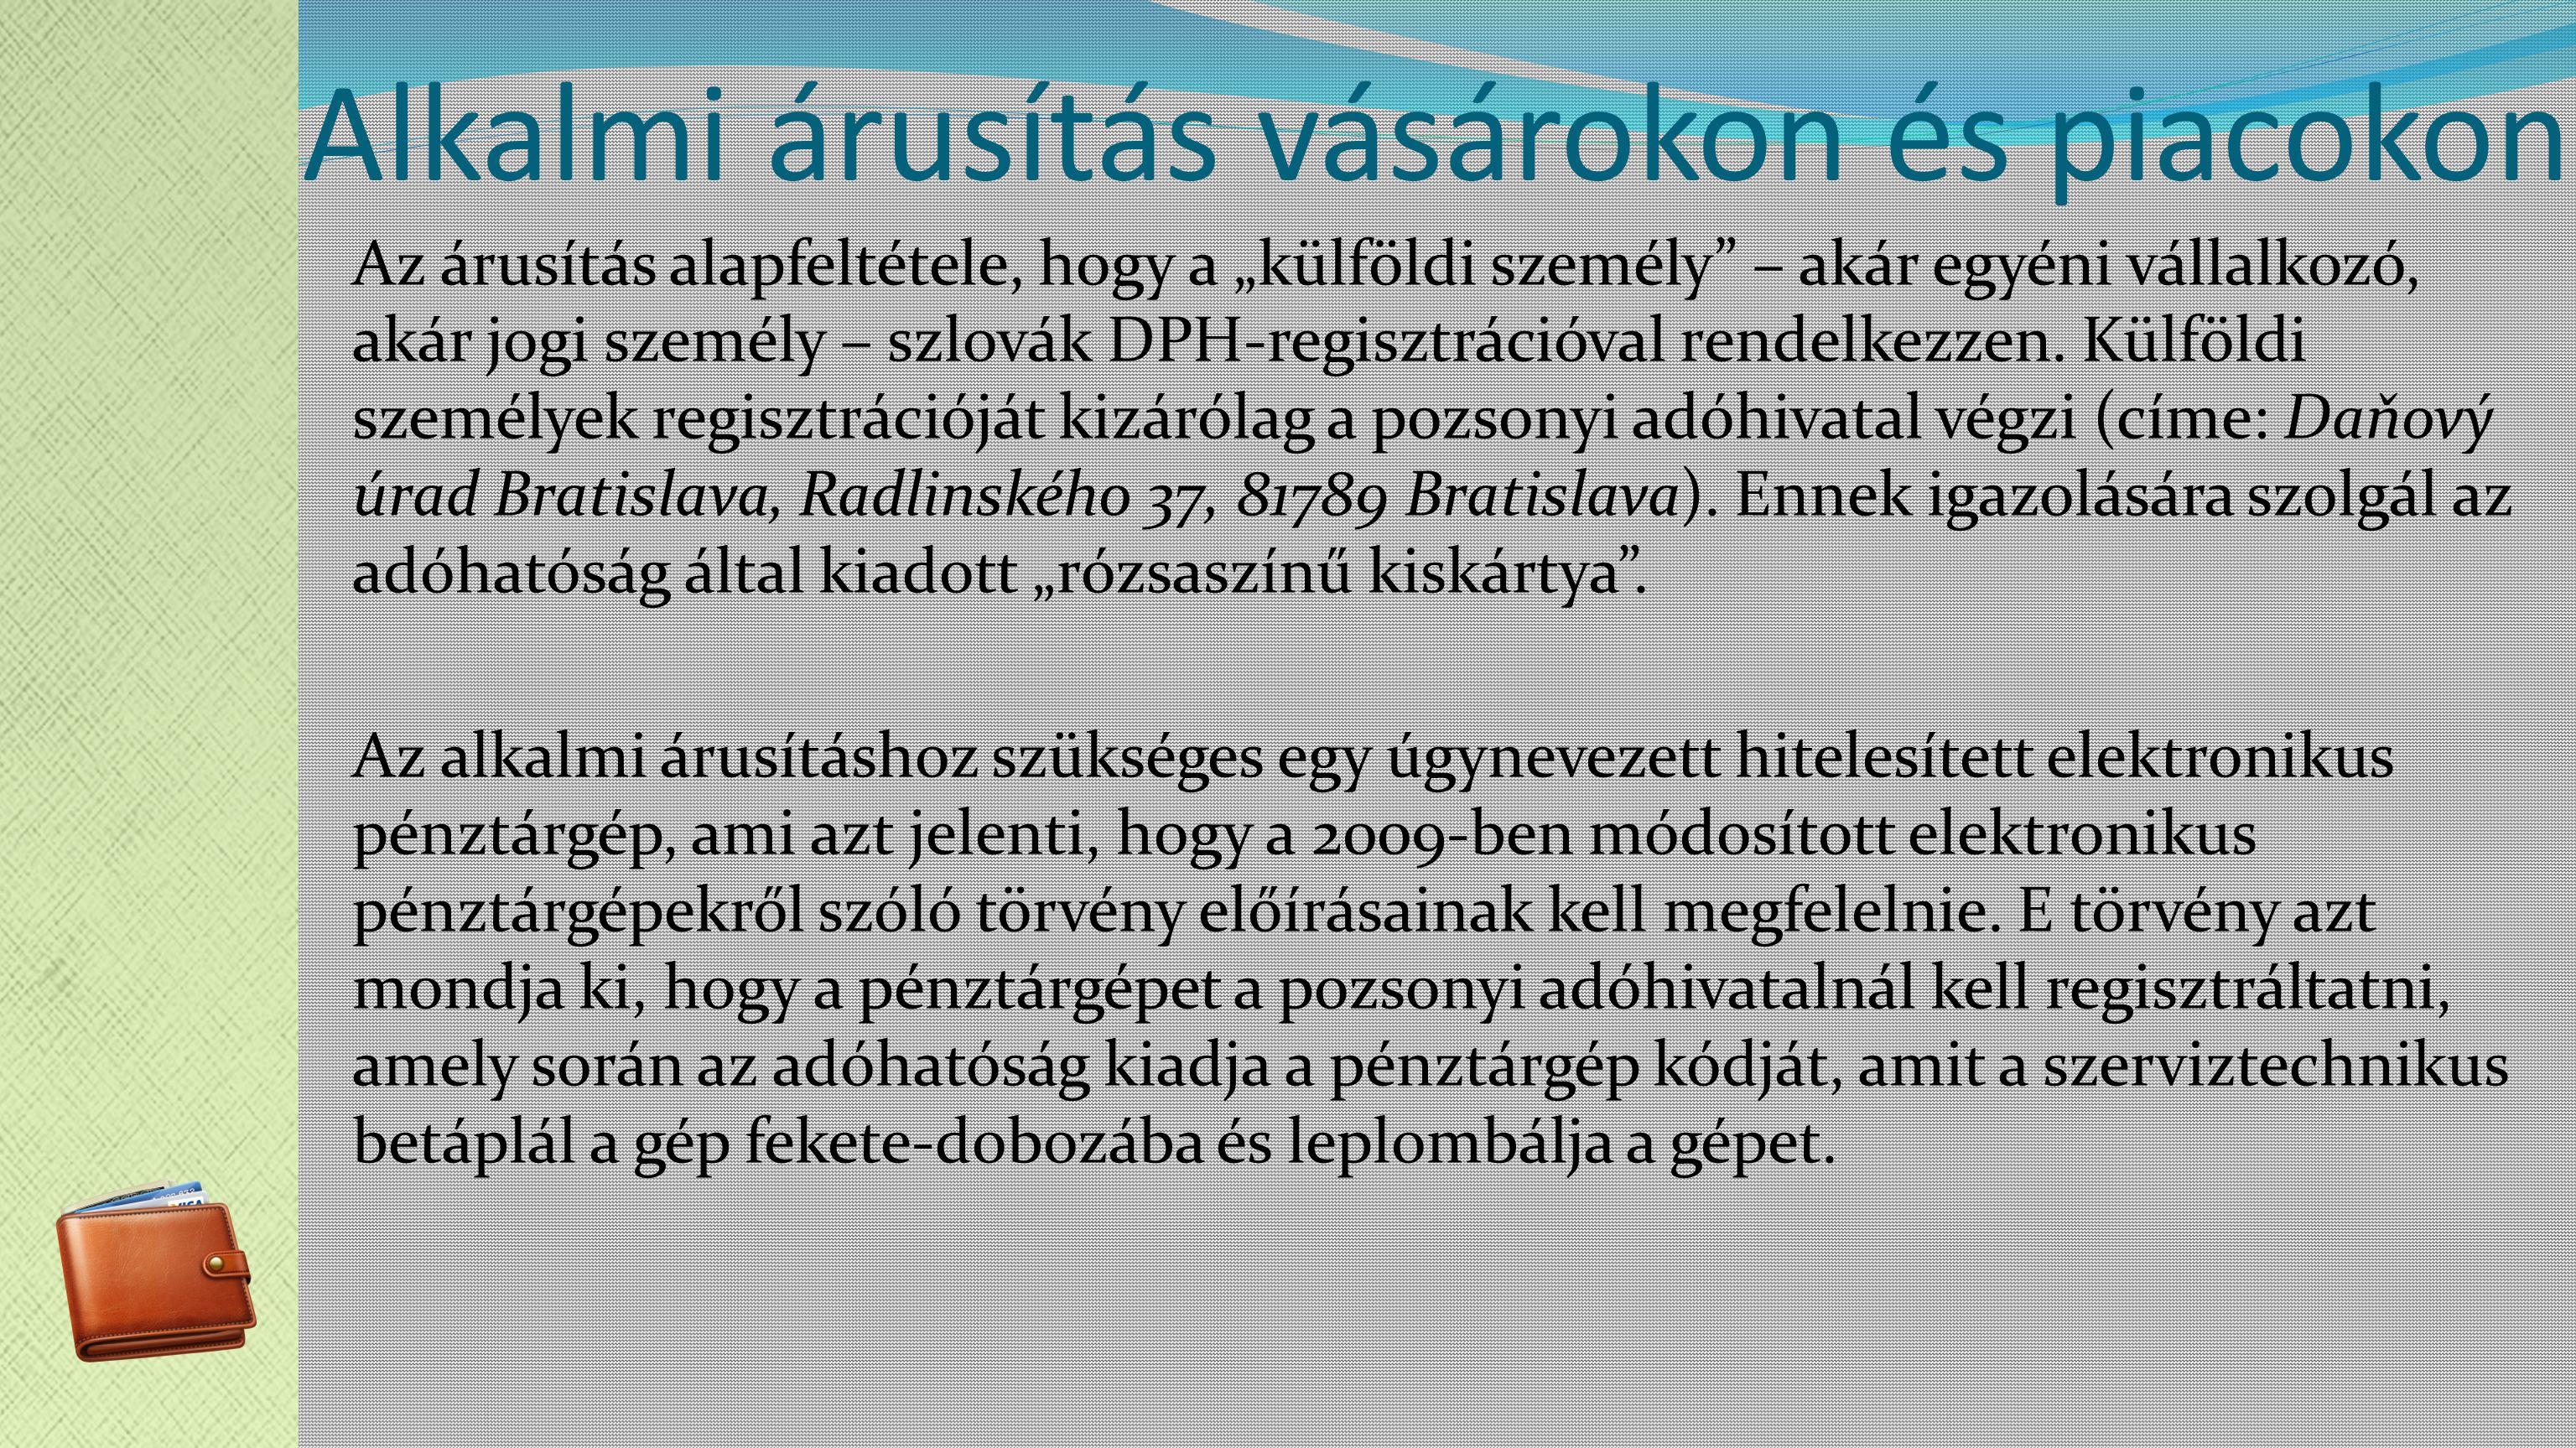 """Alkalmi árusítás vásárokon és piacokon Az árusítás alapfeltétele, hogy a """"külföldi személy – akár egyéni vállalkozó, akár jogi személy – szlovák DPH-regisztrációval rendelkezzen."""